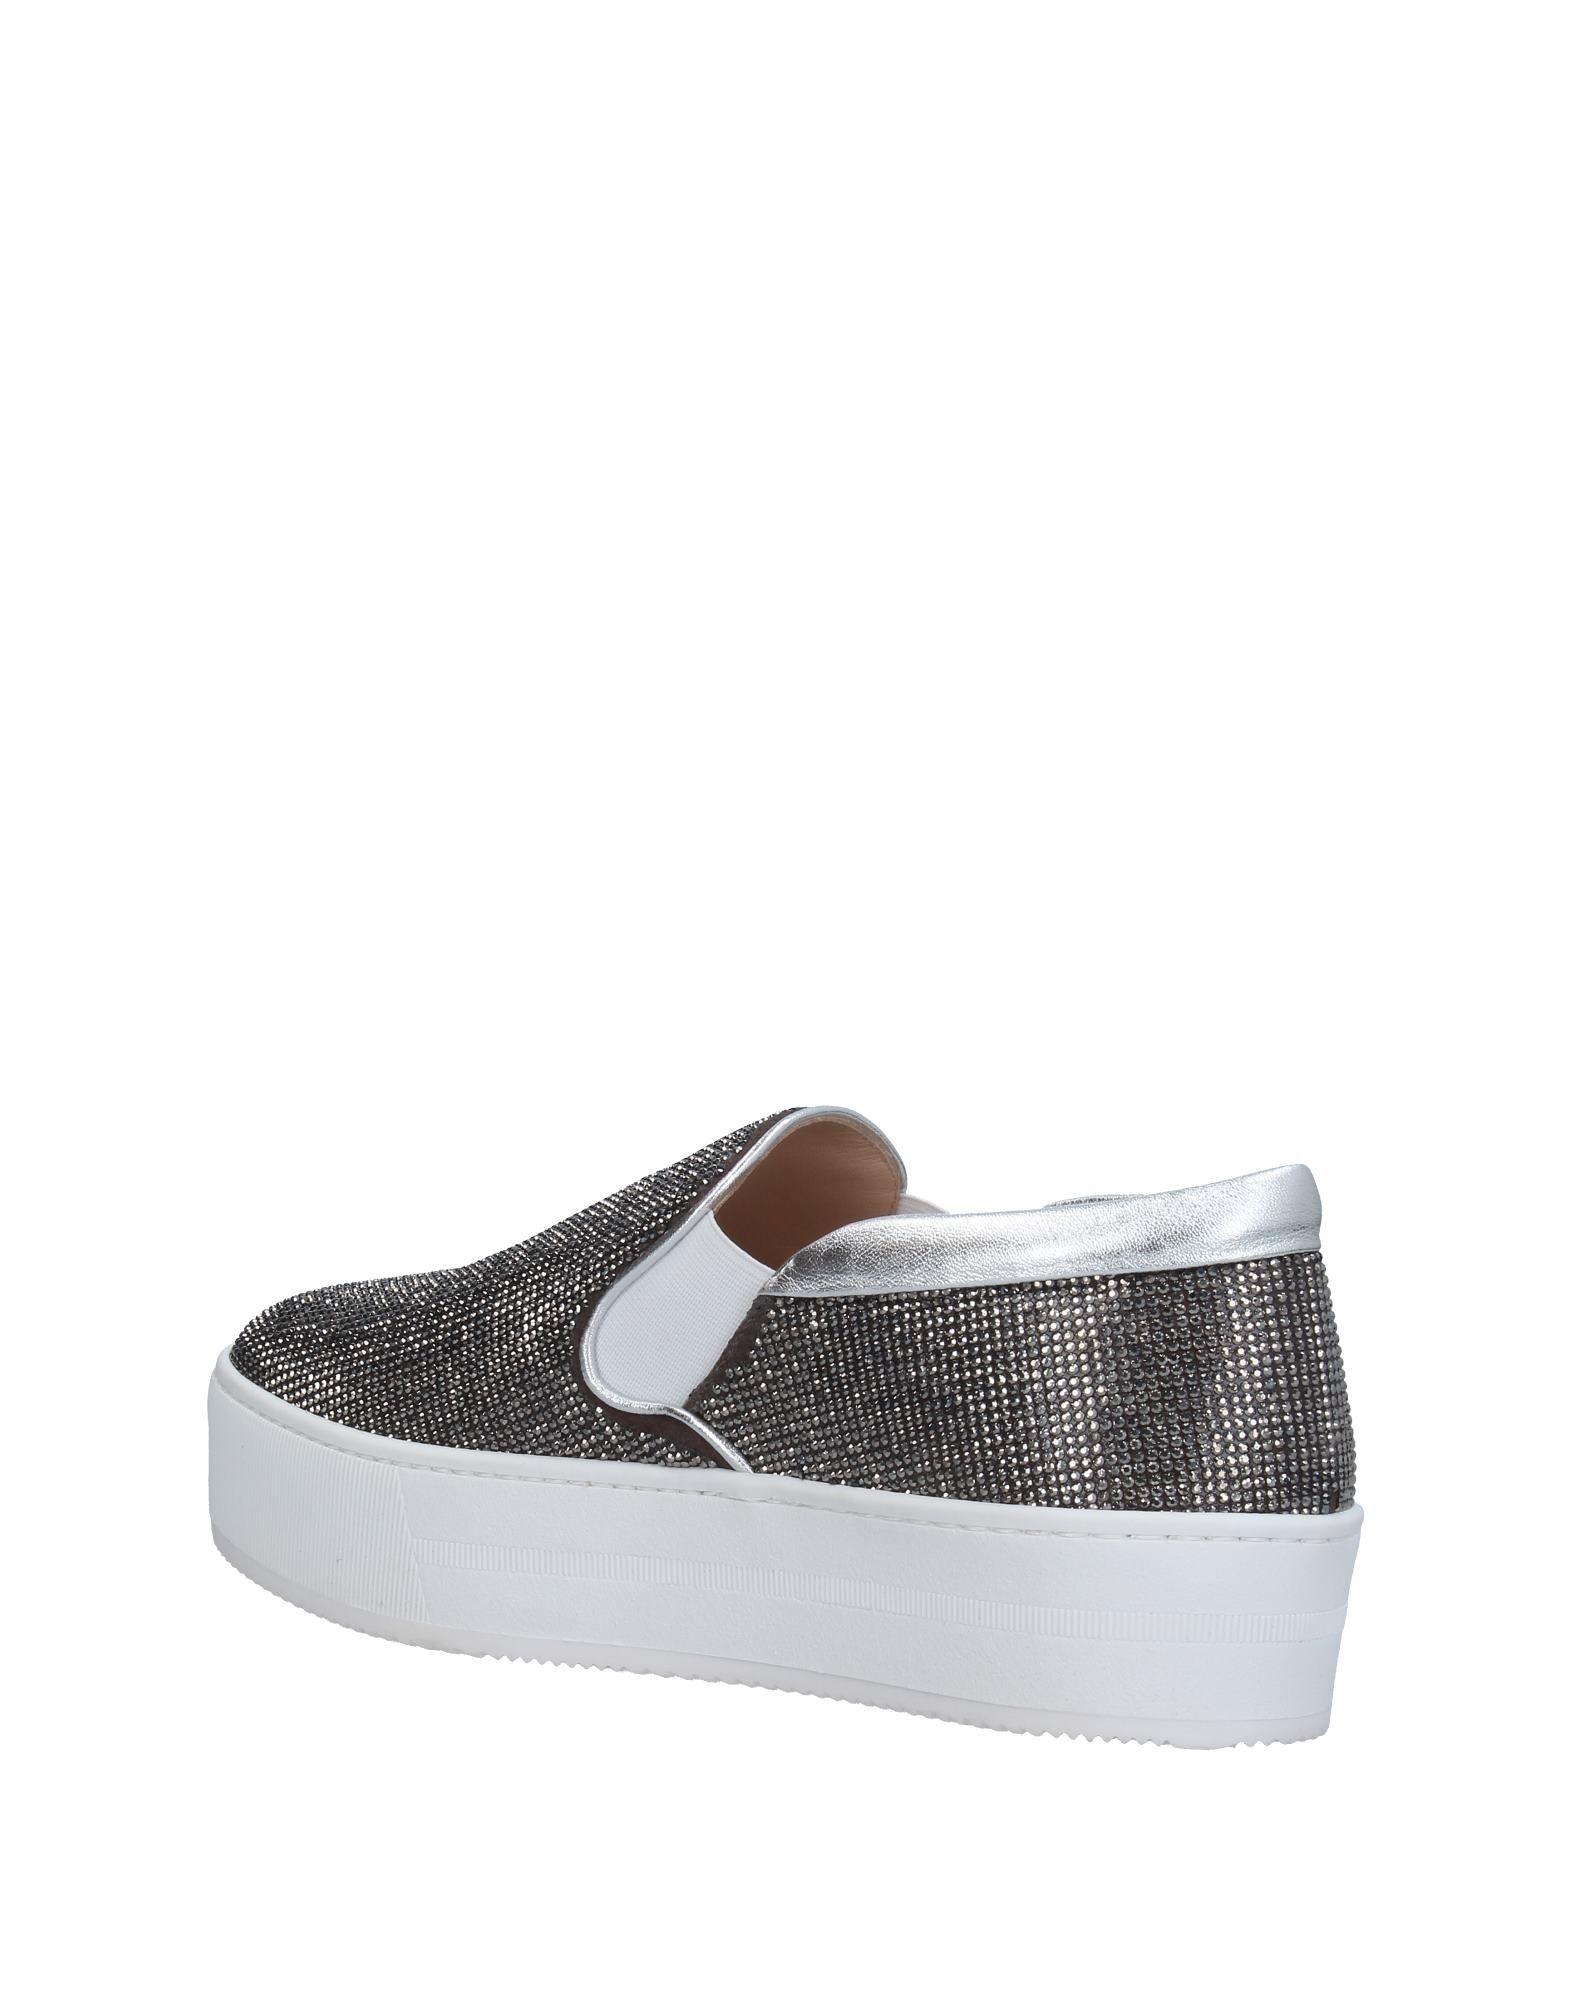 N° 11306878XHGünstige 21 Sneakers Damen  11306878XHGünstige N° gut aussehende Schuhe 2f57c3